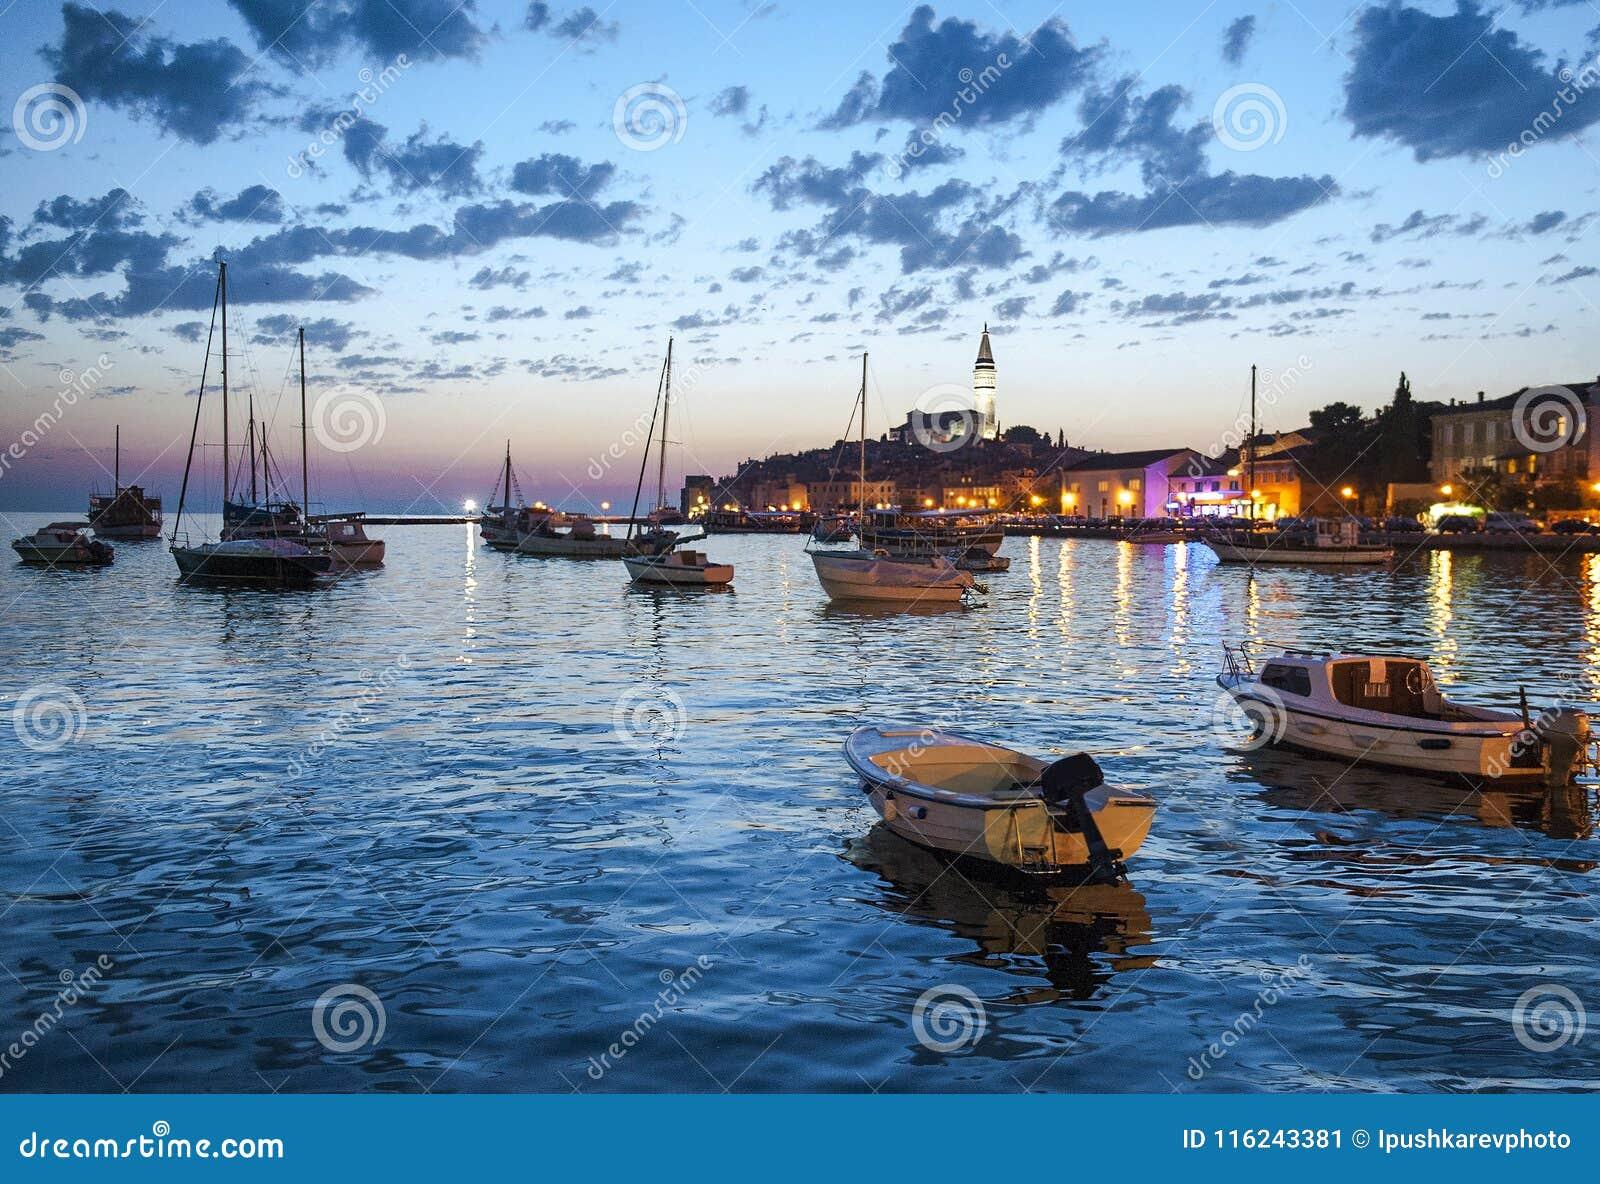 Opinião da noite da cidade bonita Rovinj em Istria, Croácia Noite na cidade croata velha, cena da noite com reflexões da água